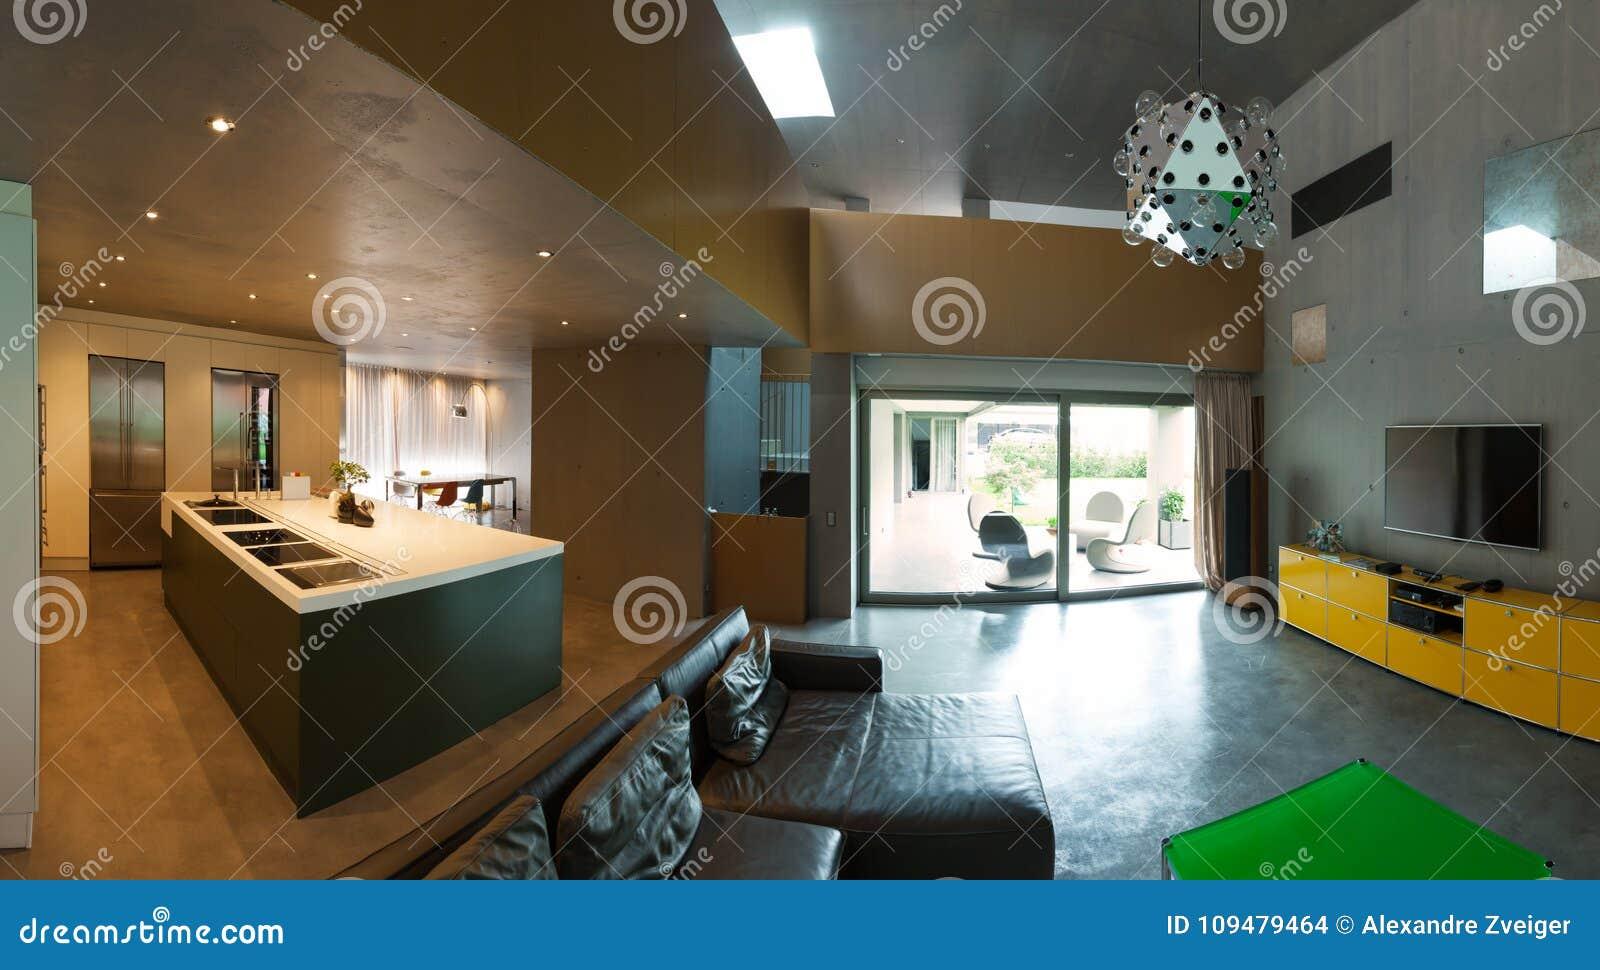 hermosas fotos de interiores de casas Casa Moderna Hermosa En El Cemento Interiores Foto De